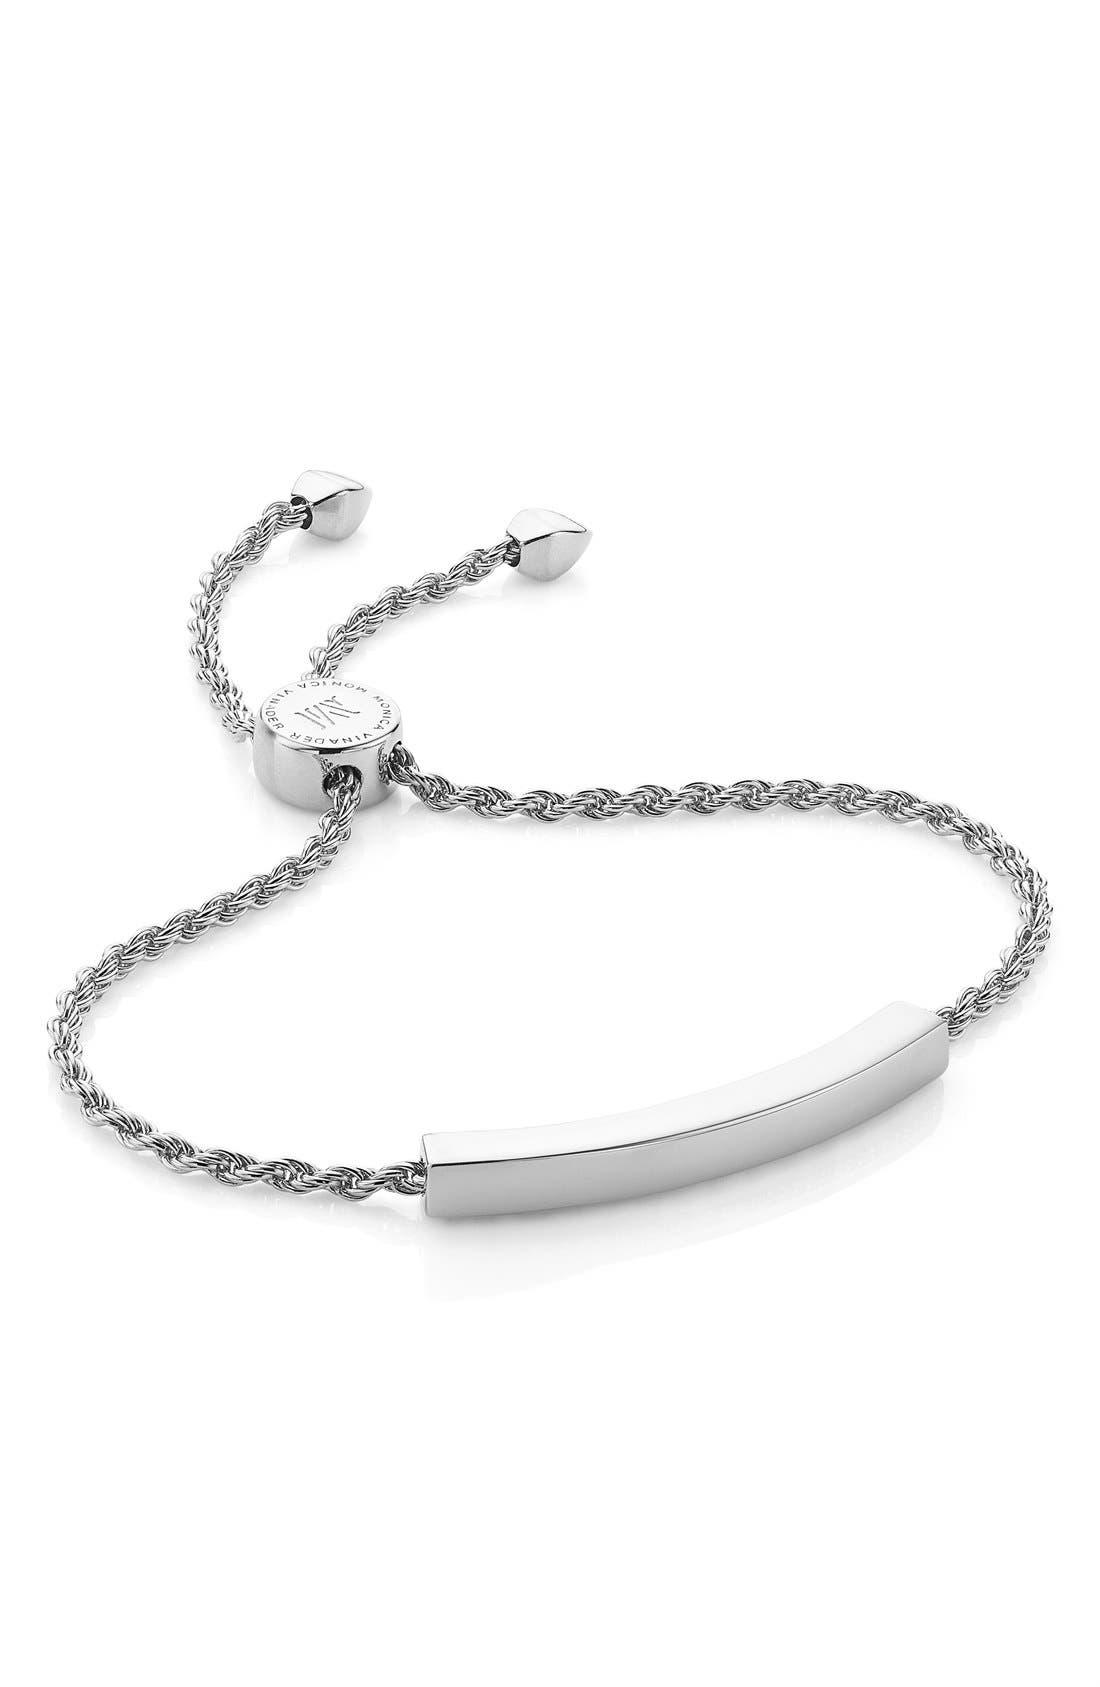 Engravable Linear Friendship Chain Bracelet,                             Main thumbnail 1, color,                             SILVER